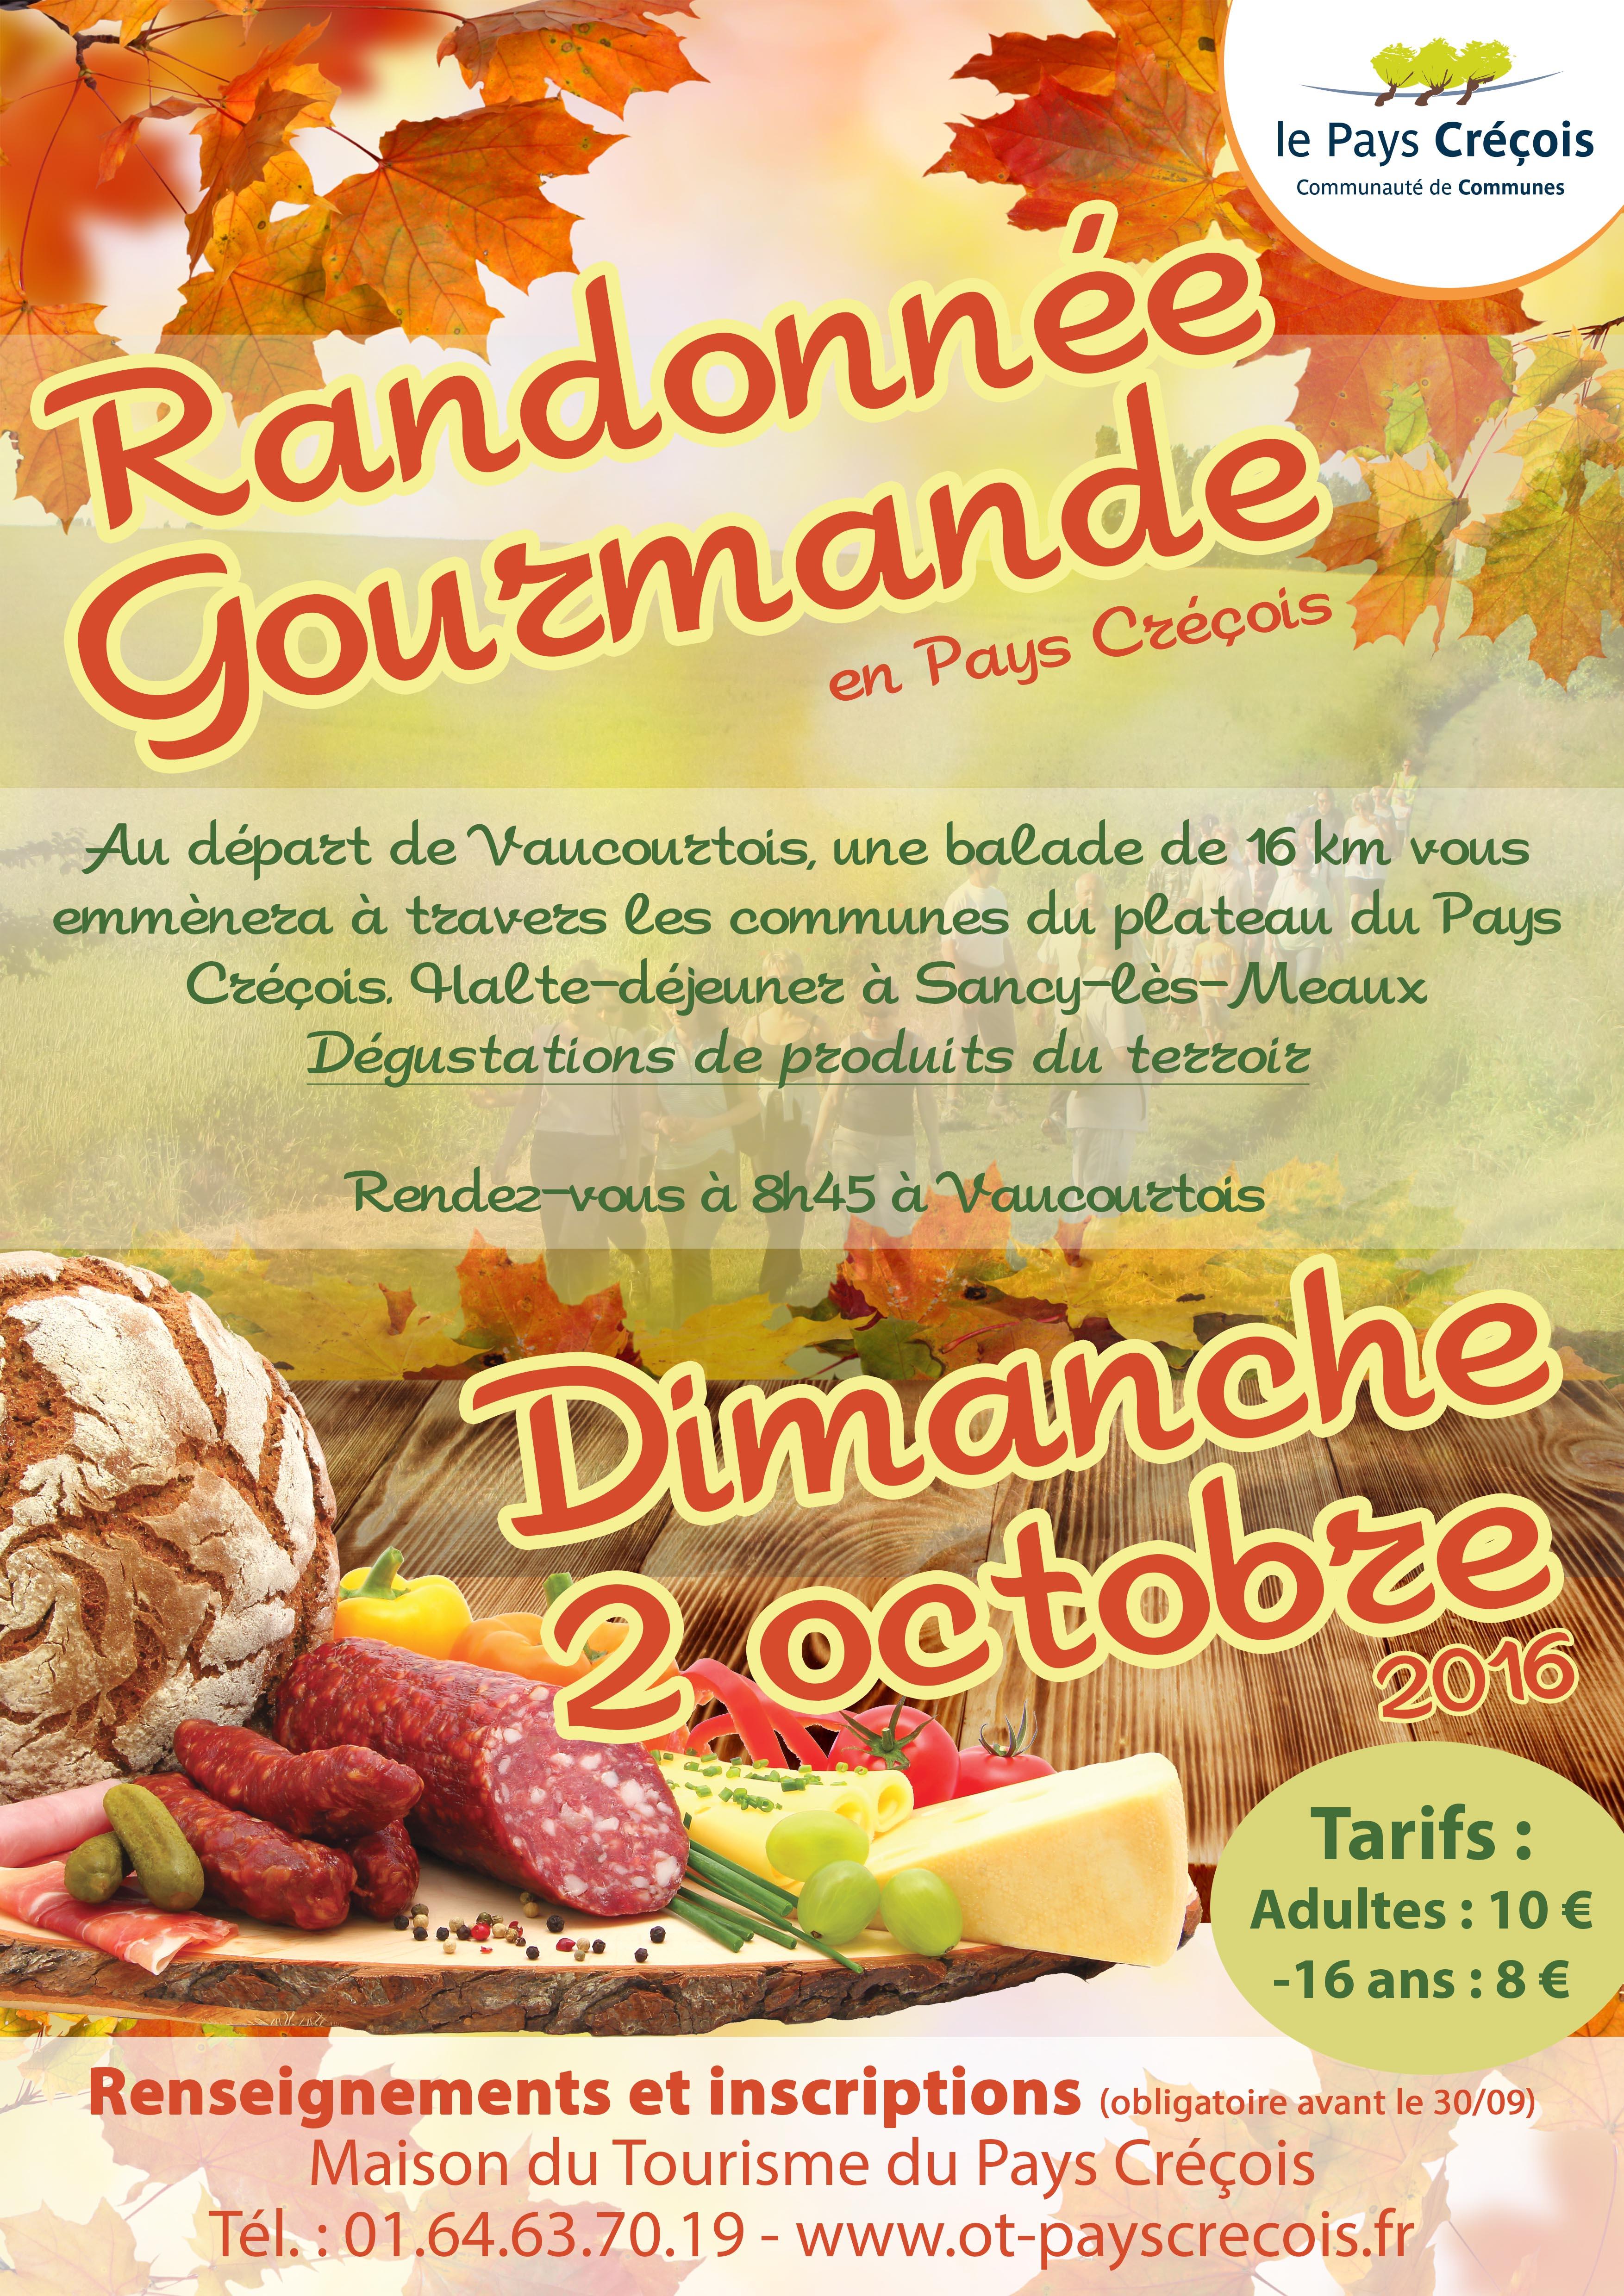 Rando gourmande en Pays Créçois : dimanche 2 octobre 2016